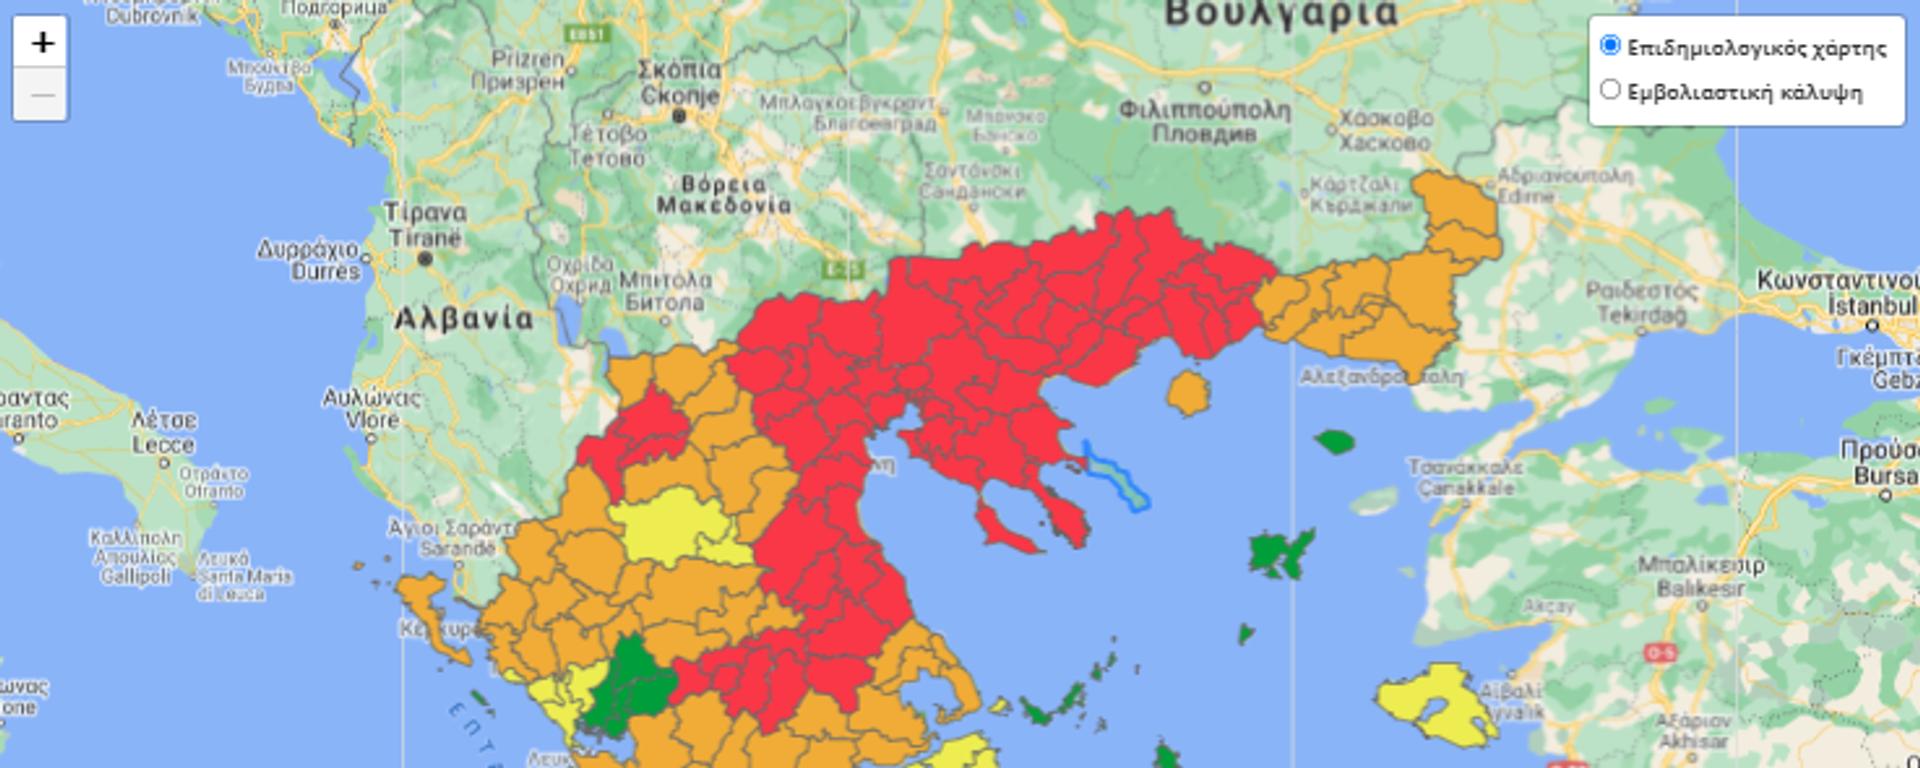 Επιδημιολογικός χάρτης 6 Οκτωβρίου - Sputnik Ελλάδα, 1920, 06.10.2021